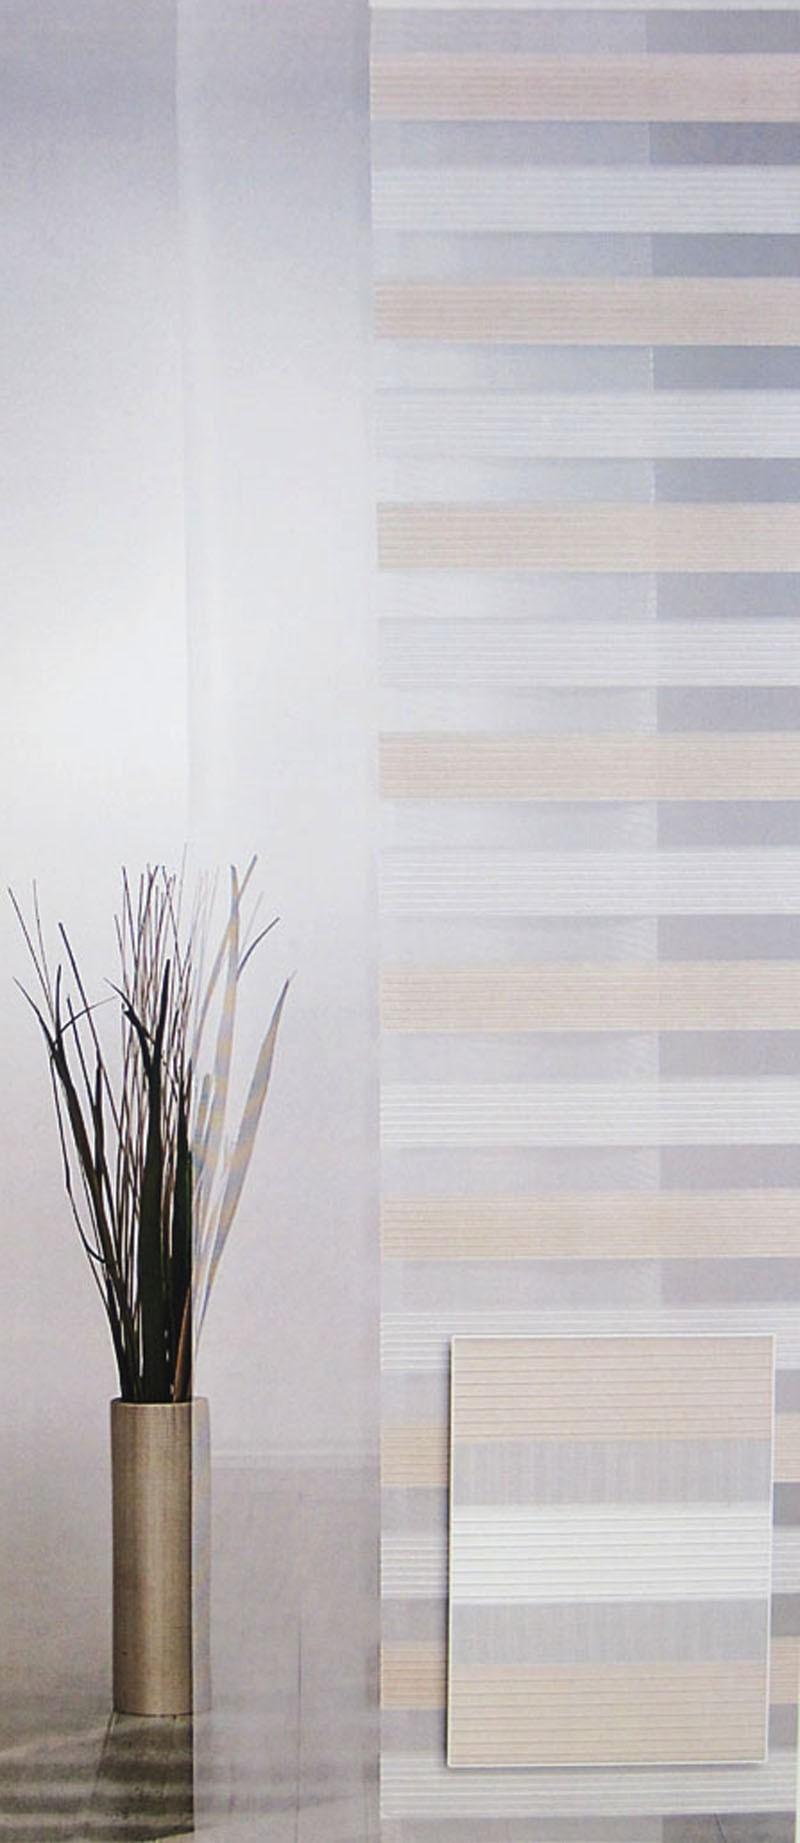 Flächenvorhang - Schiebevorhang Creme-Natur ca.60 x 245 cm, (1Stück)